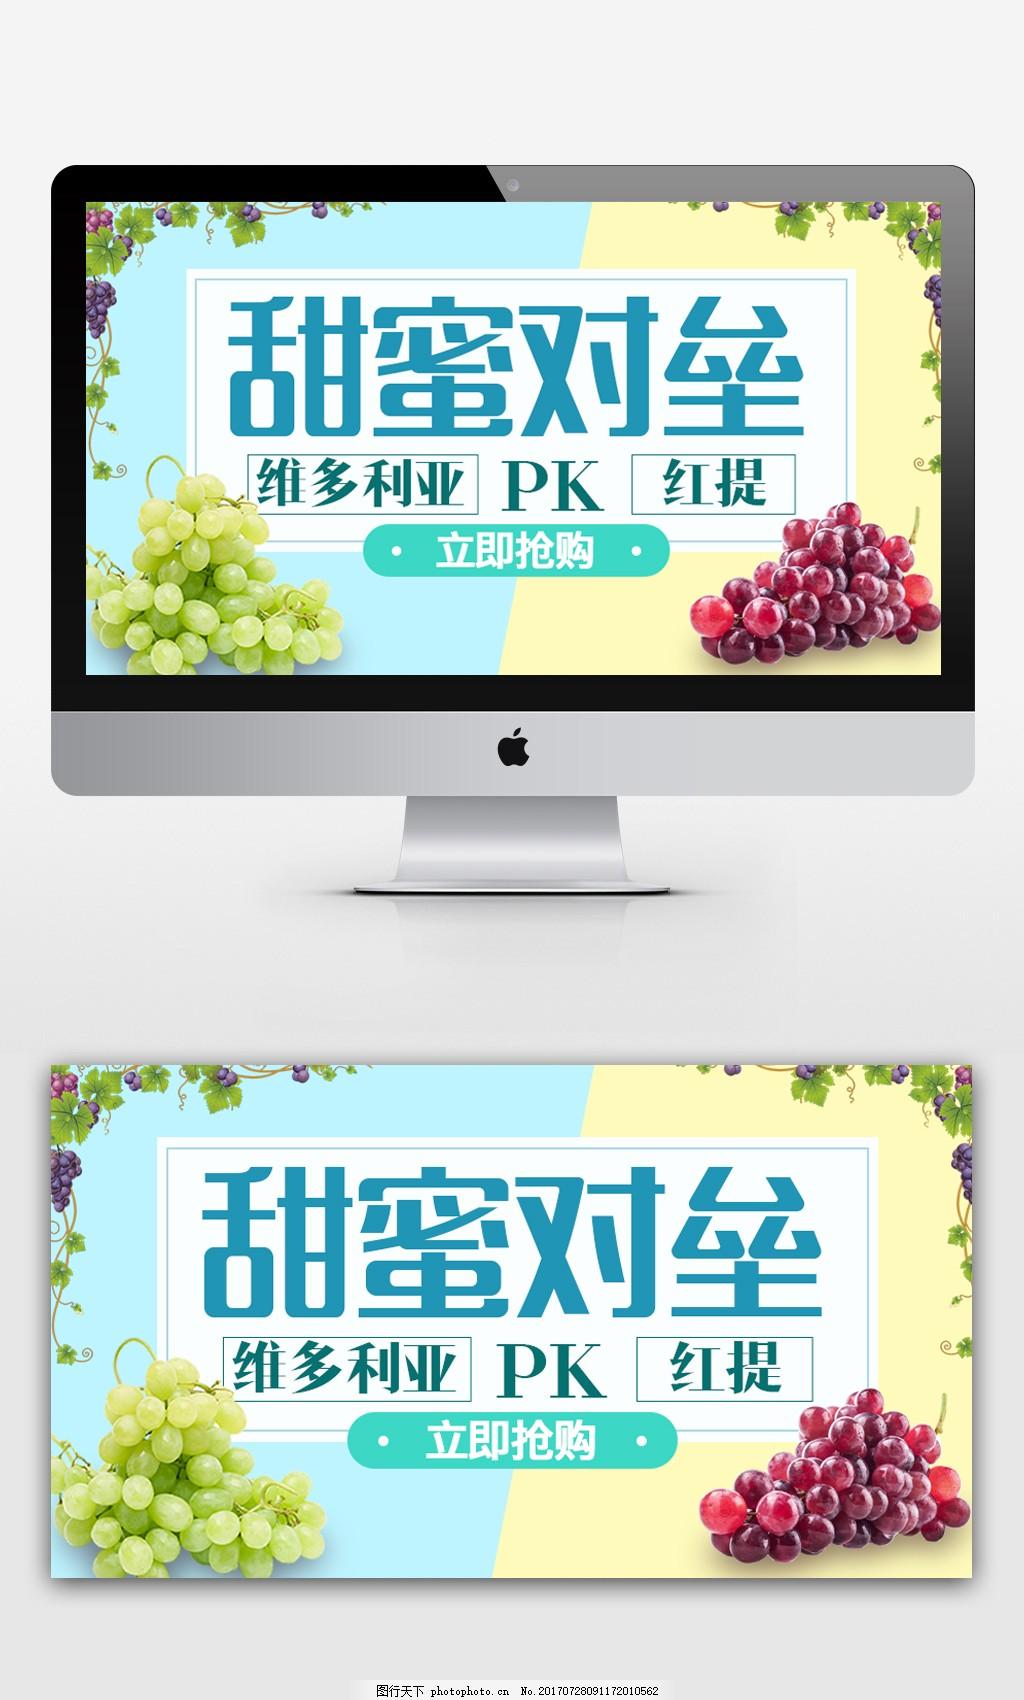 甜蜜对垒红提PK维多利亚海报 缤纷夏季 国产红提葡萄 盛夏 暑假